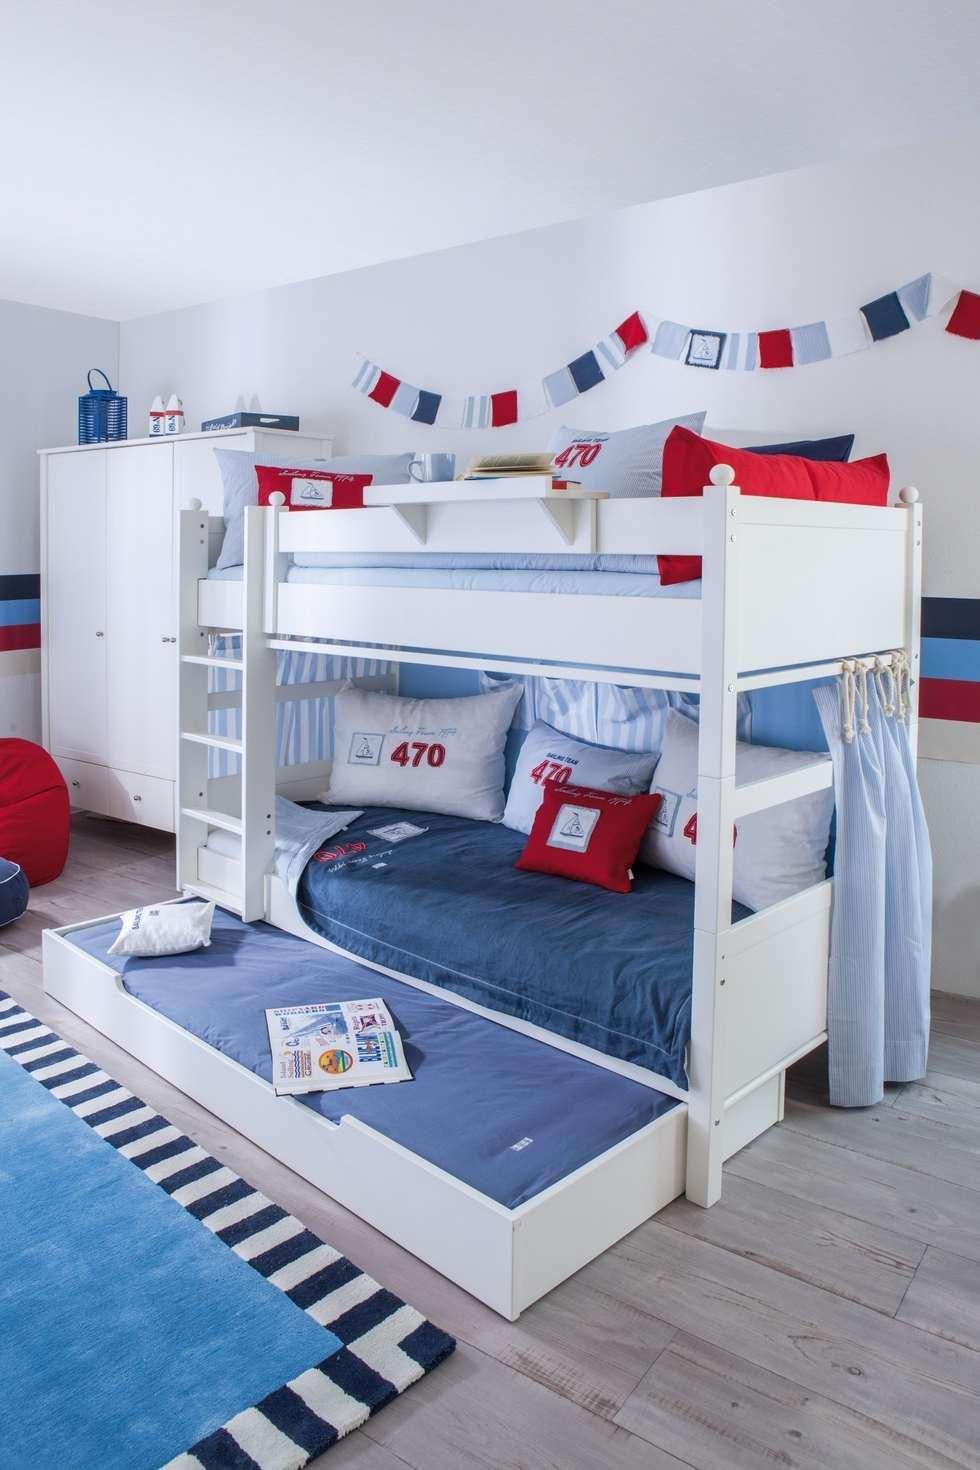 Wohnideen interior design einrichtungsideen bilder - Etagenbett interio ...